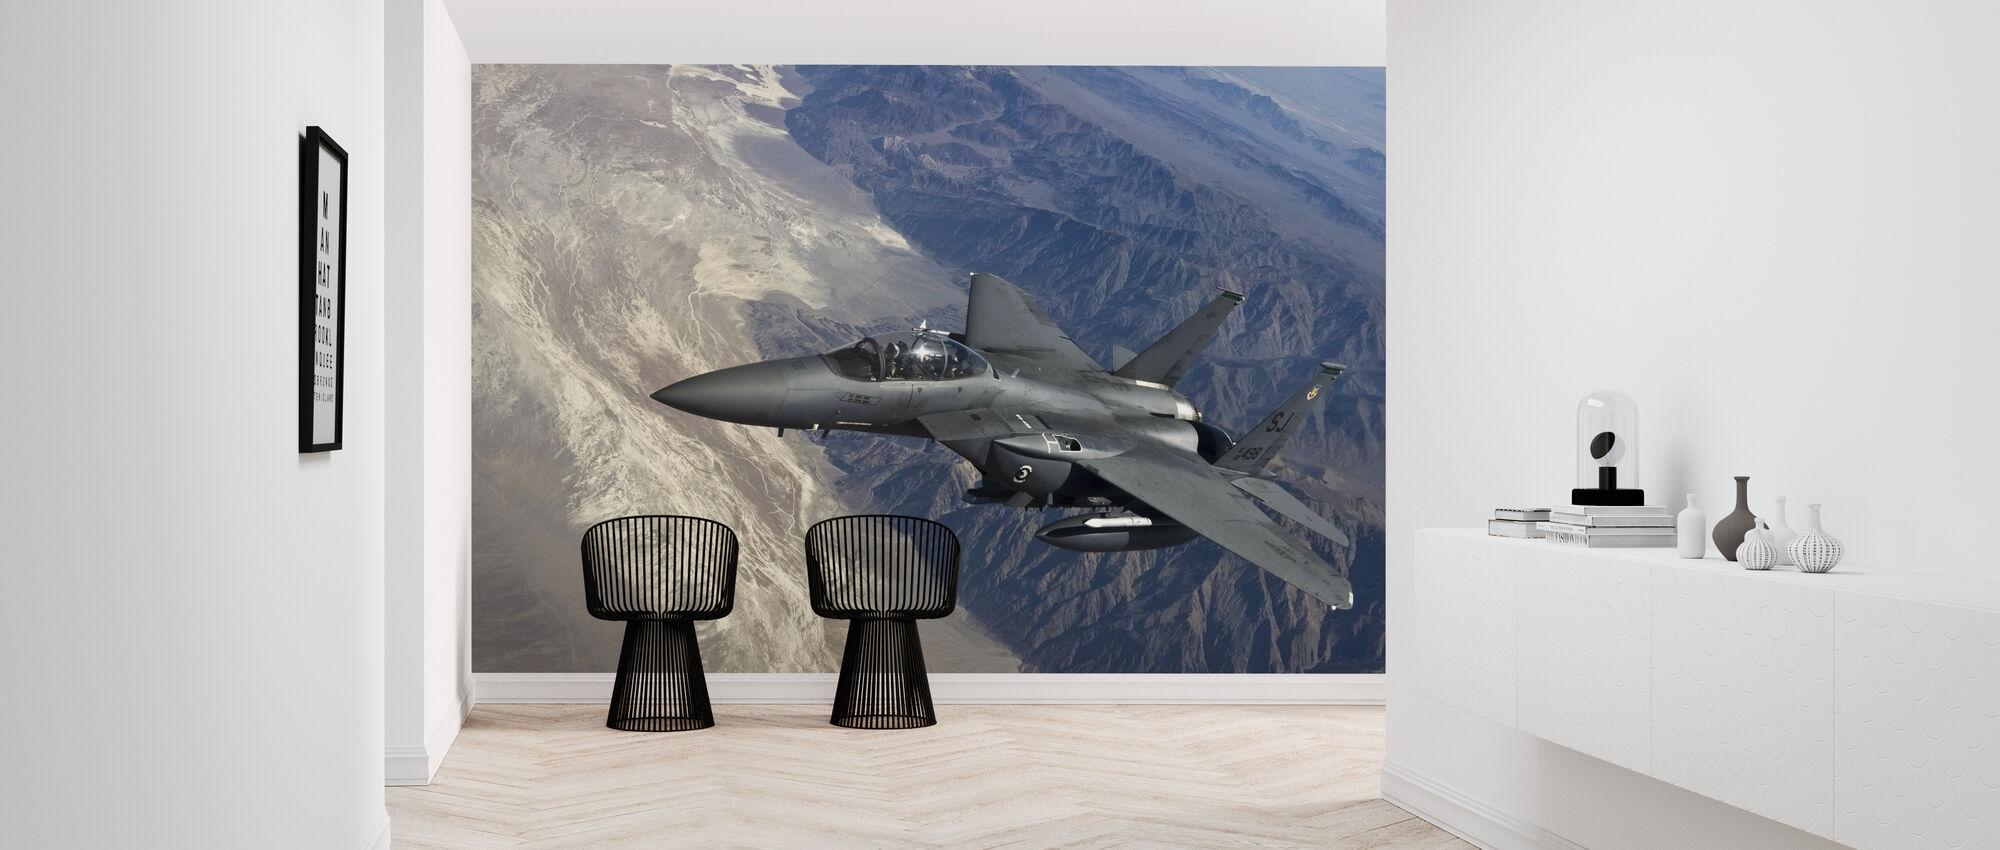 Airborne Fighter Jet - Wallpaper - Hallway